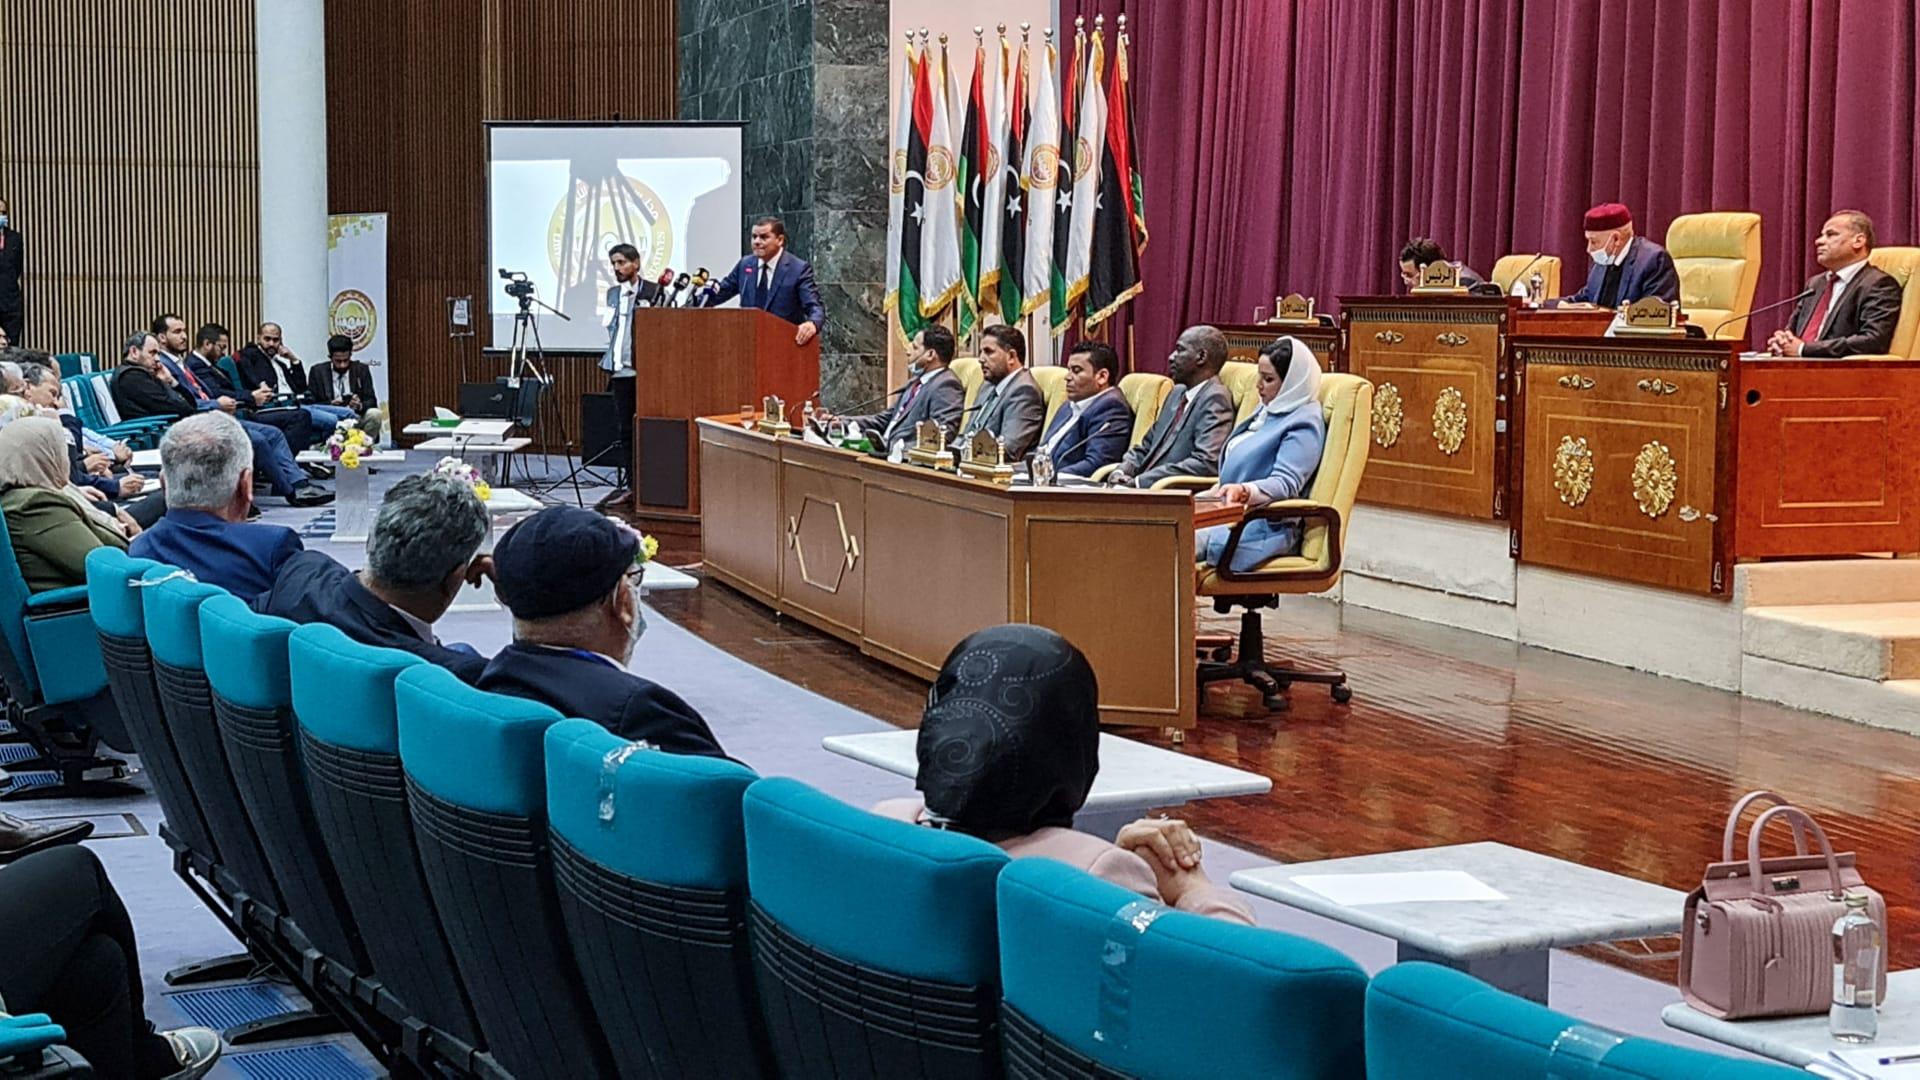 ليبيا: مجلس النواب يمنح الثقة لحكومة الوحدة الوطنية برئاسة عبدالحميد الدبيبة